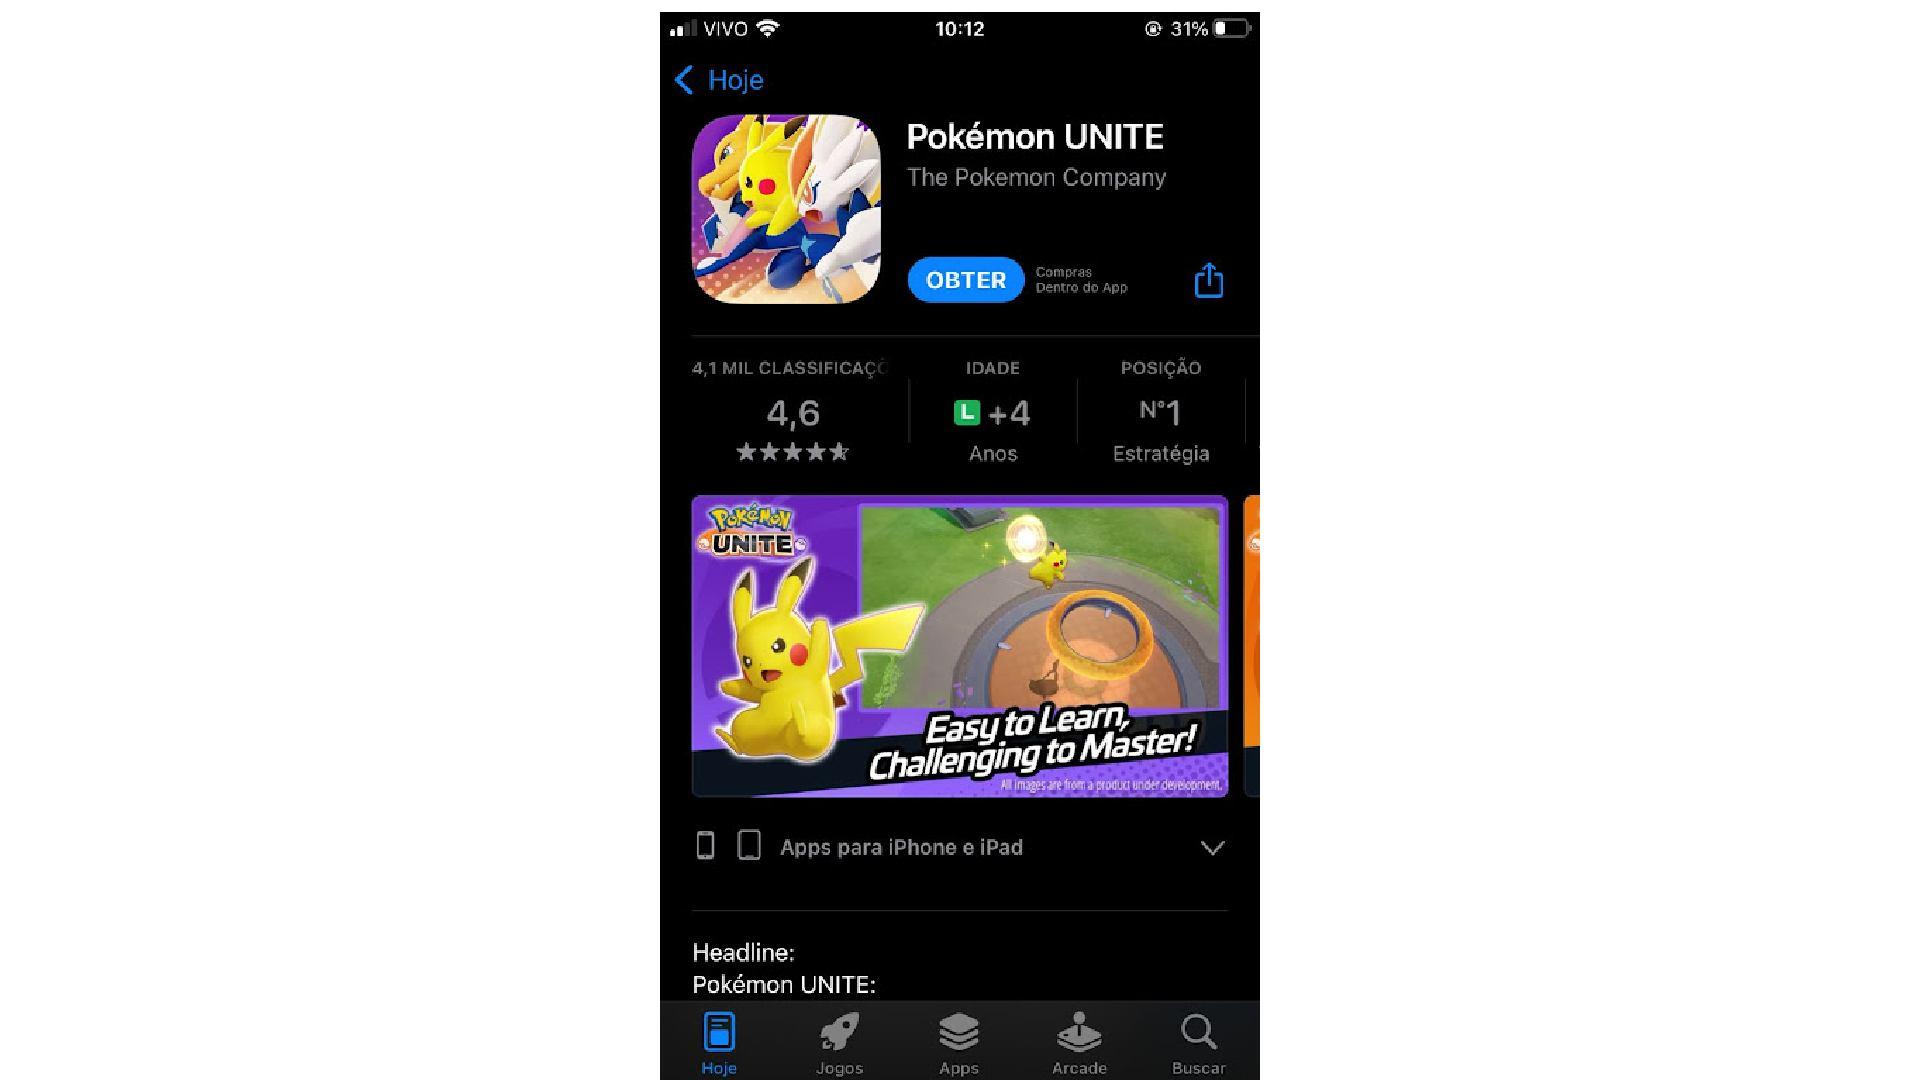 Print de tela do iPhone do download do Pokémon UNITE